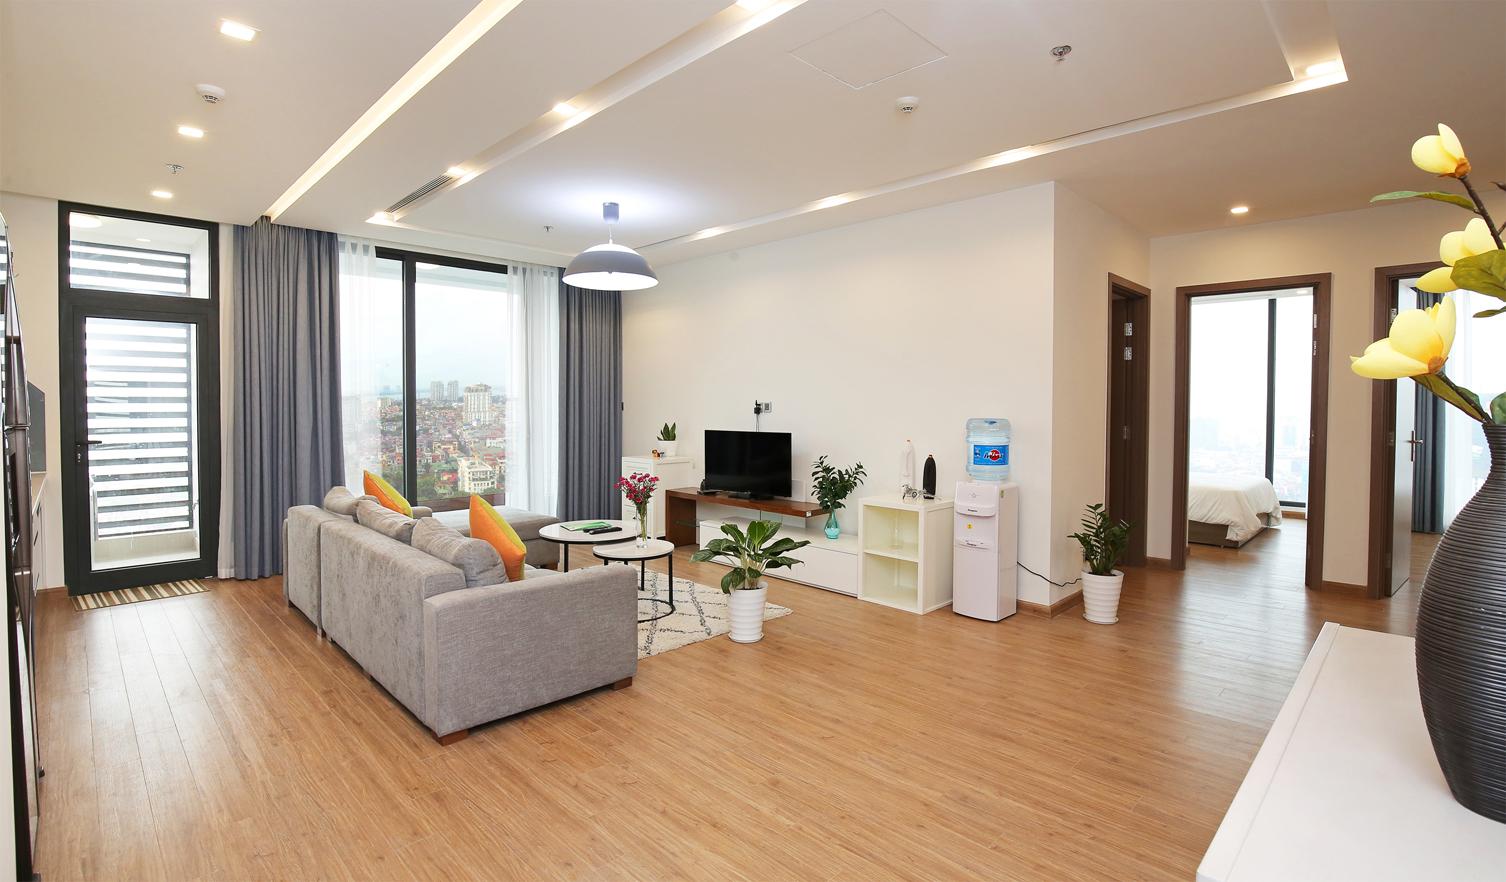 Cho thuê căn hộ 4 phòng ngủ Vinhomes Metropolis